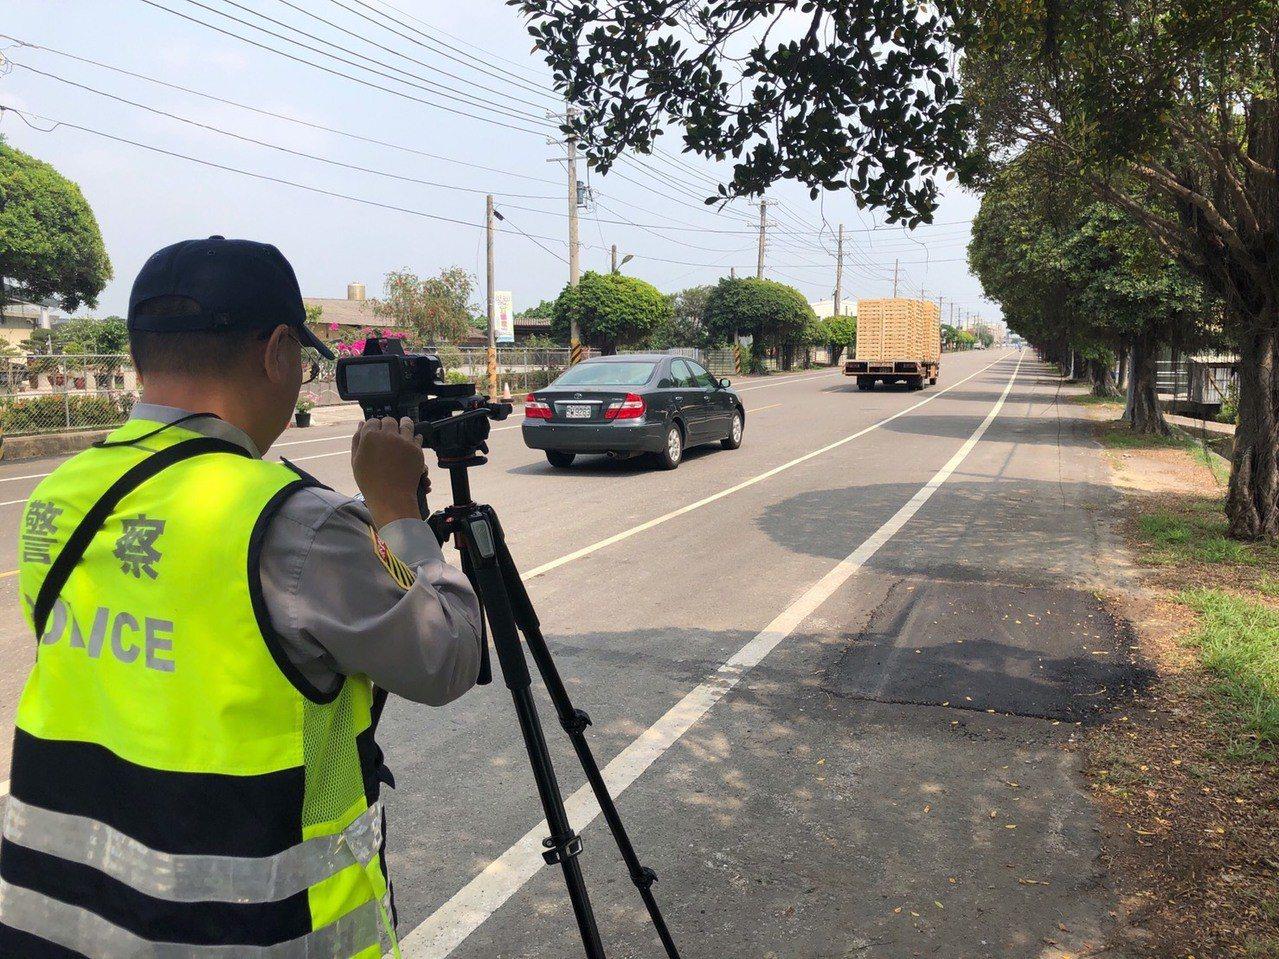 台南市警方將針對高死亡事故路段,加強超速測速拍照取締。記者吳淑玲/翻攝